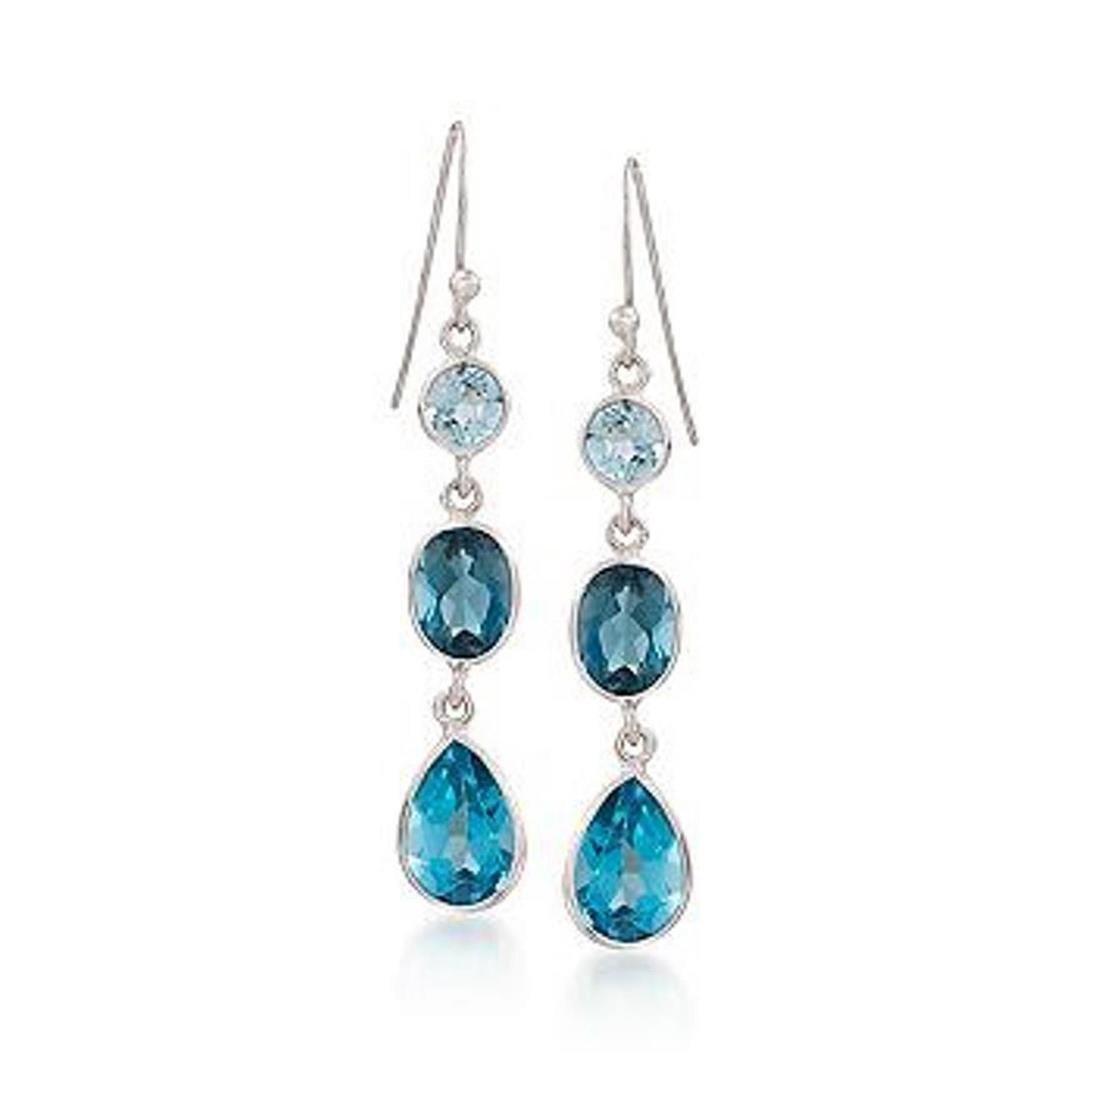 8.95 ct. t.w. Blue Topaz Linear Earrings in Sterling